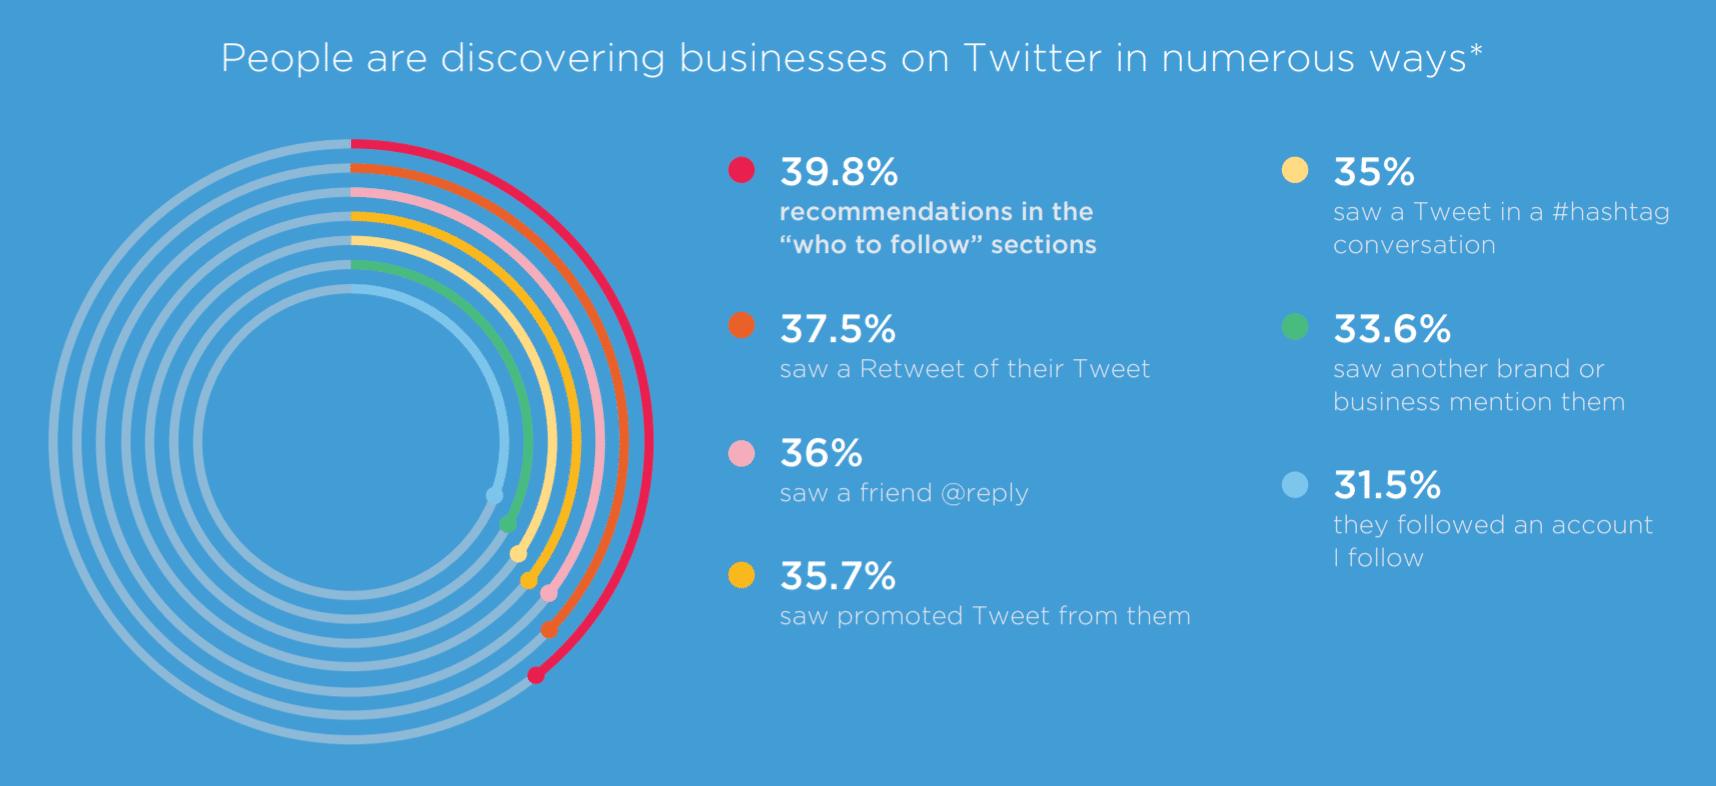 Découvrir les marques sur Twitter